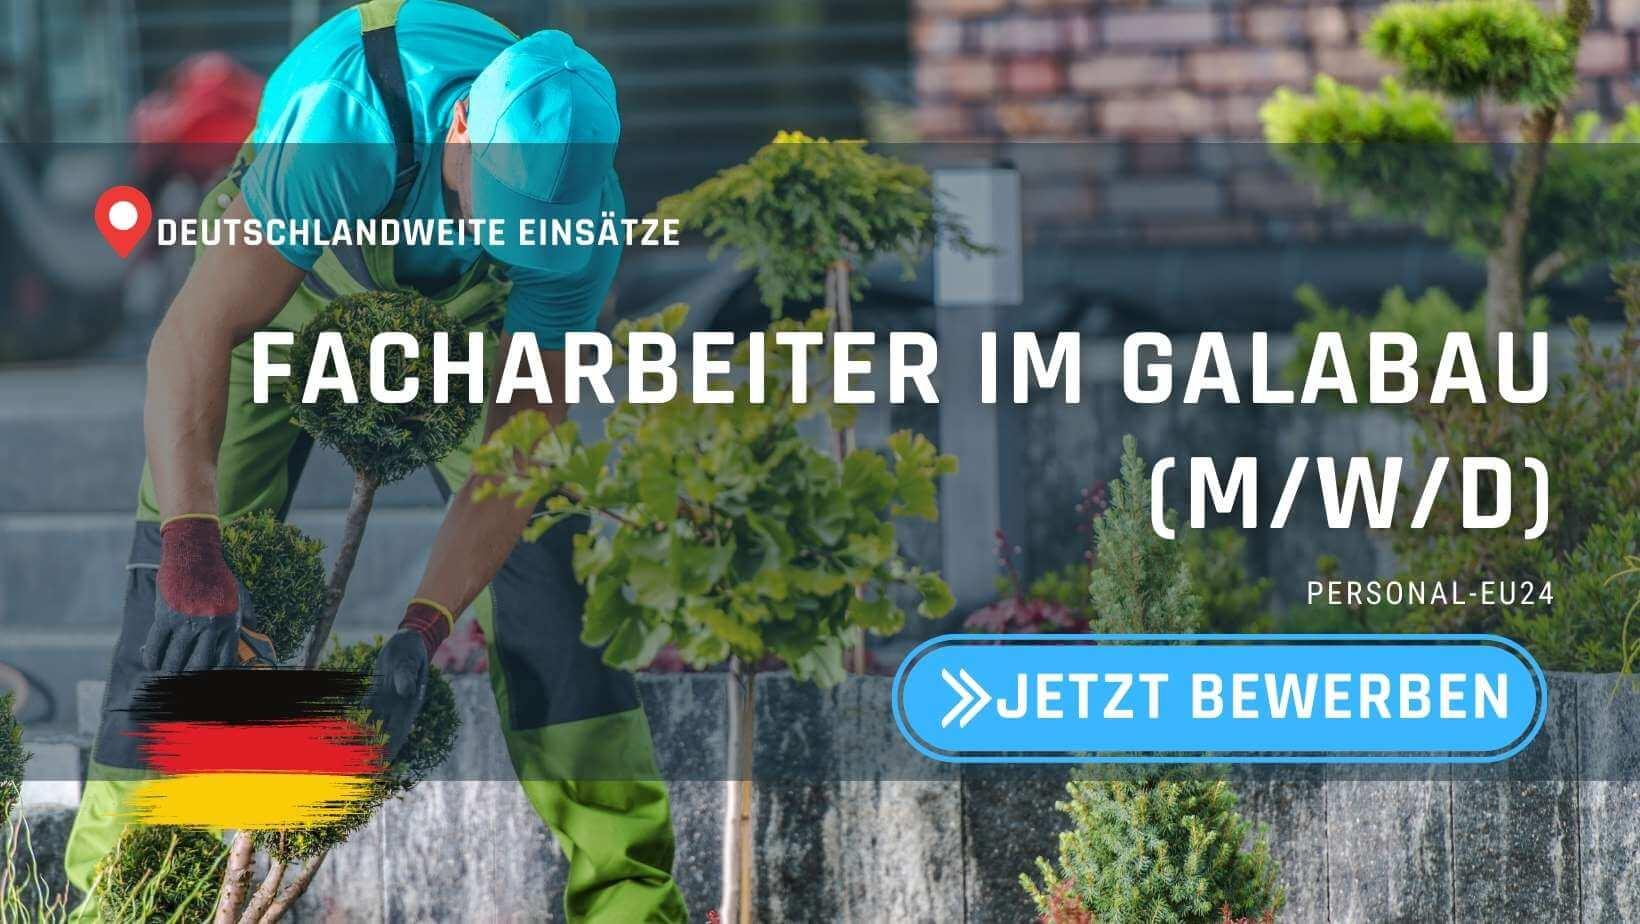 DE_K0004_118 Facharbeiter im GaLaBau - Jobs in Deutschland - Deutschlandweite Einsätze_